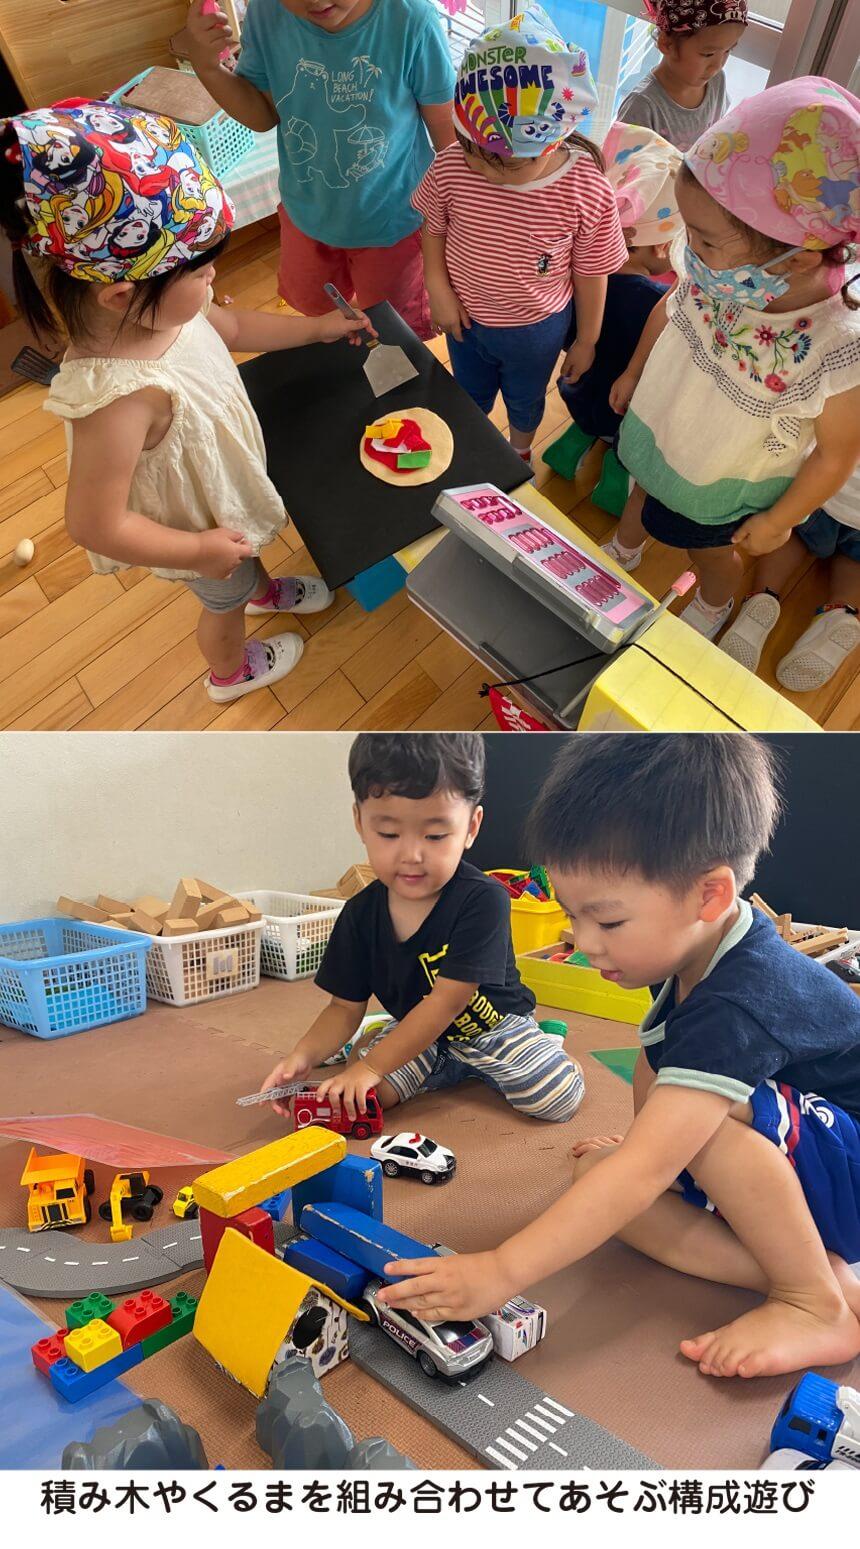 積み木や車などを組み合わせる構成遊び